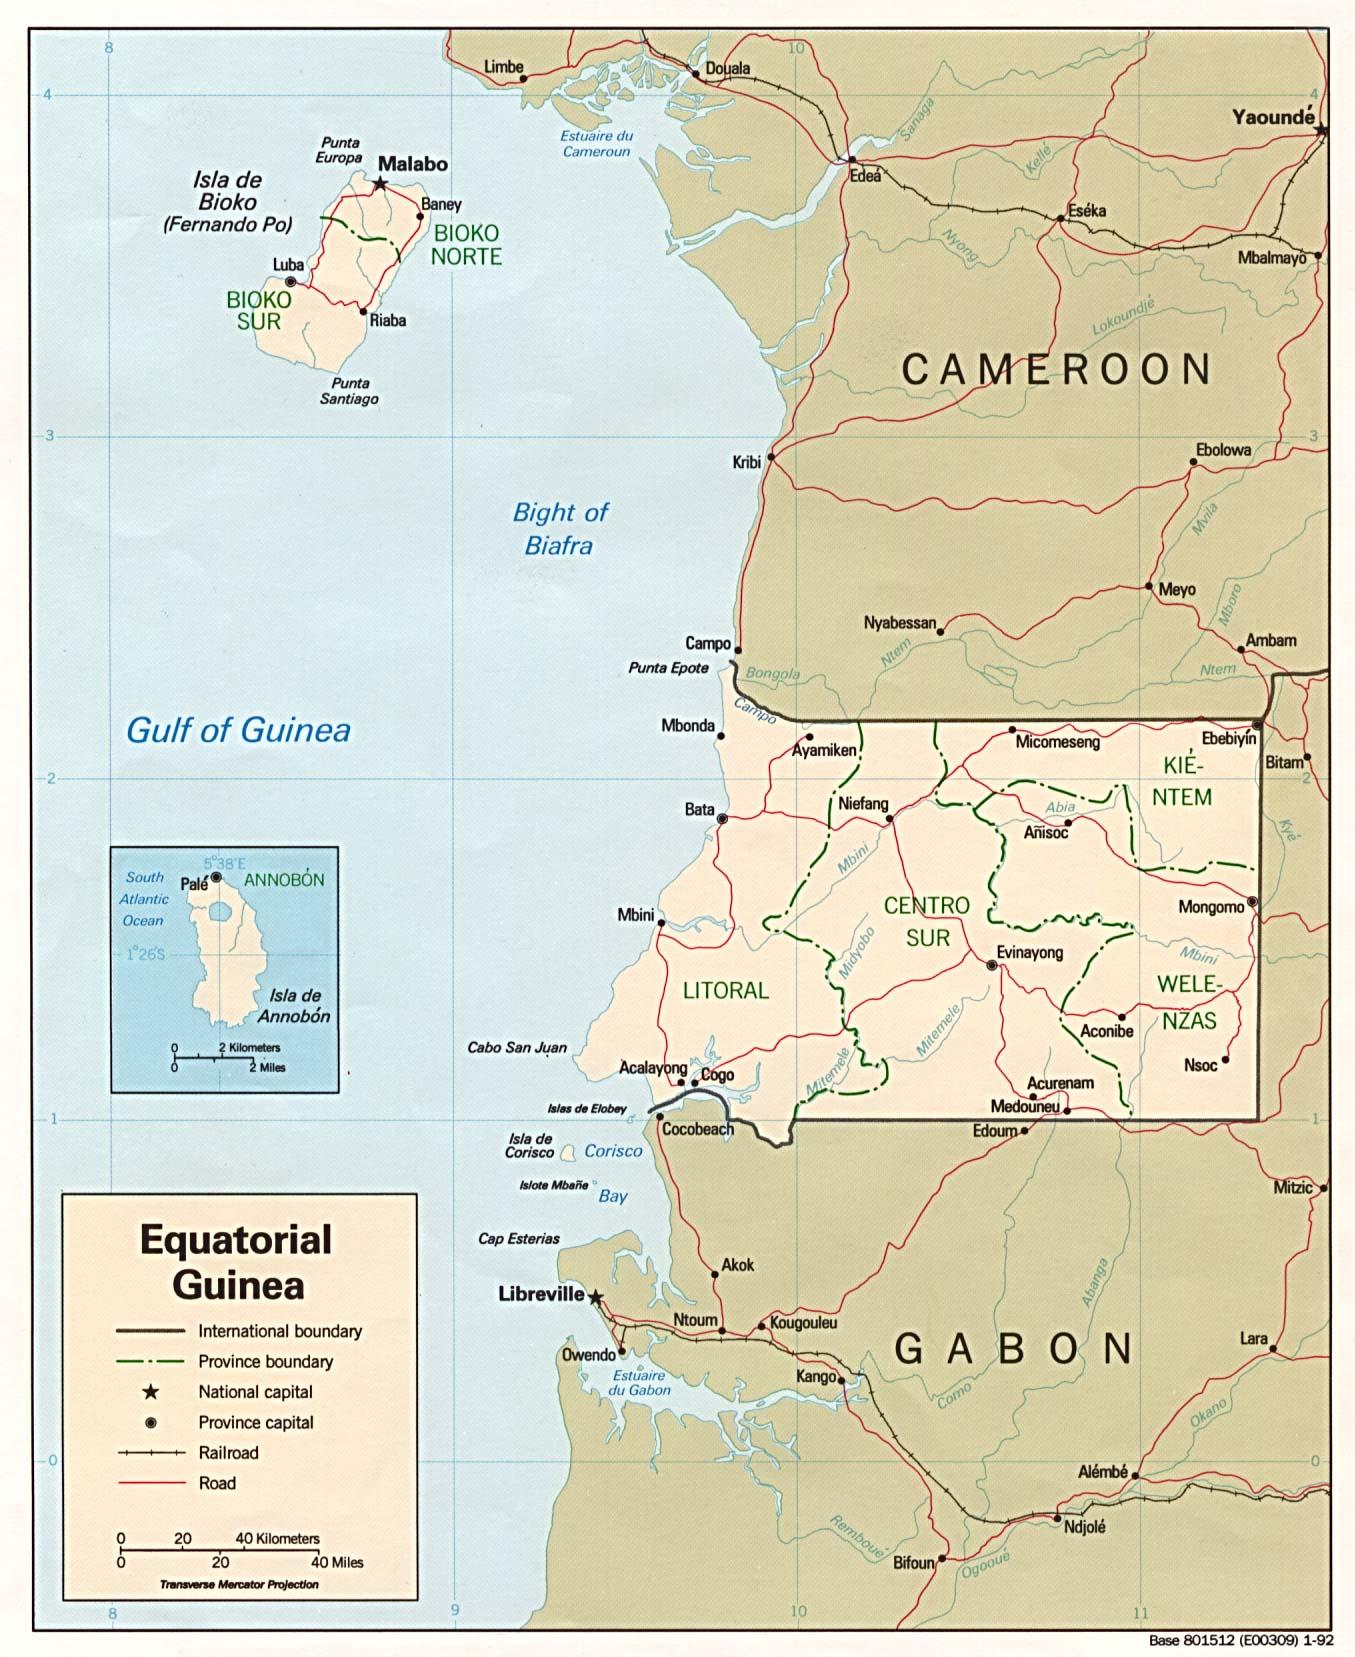 Free Equatorial Guinea Maps